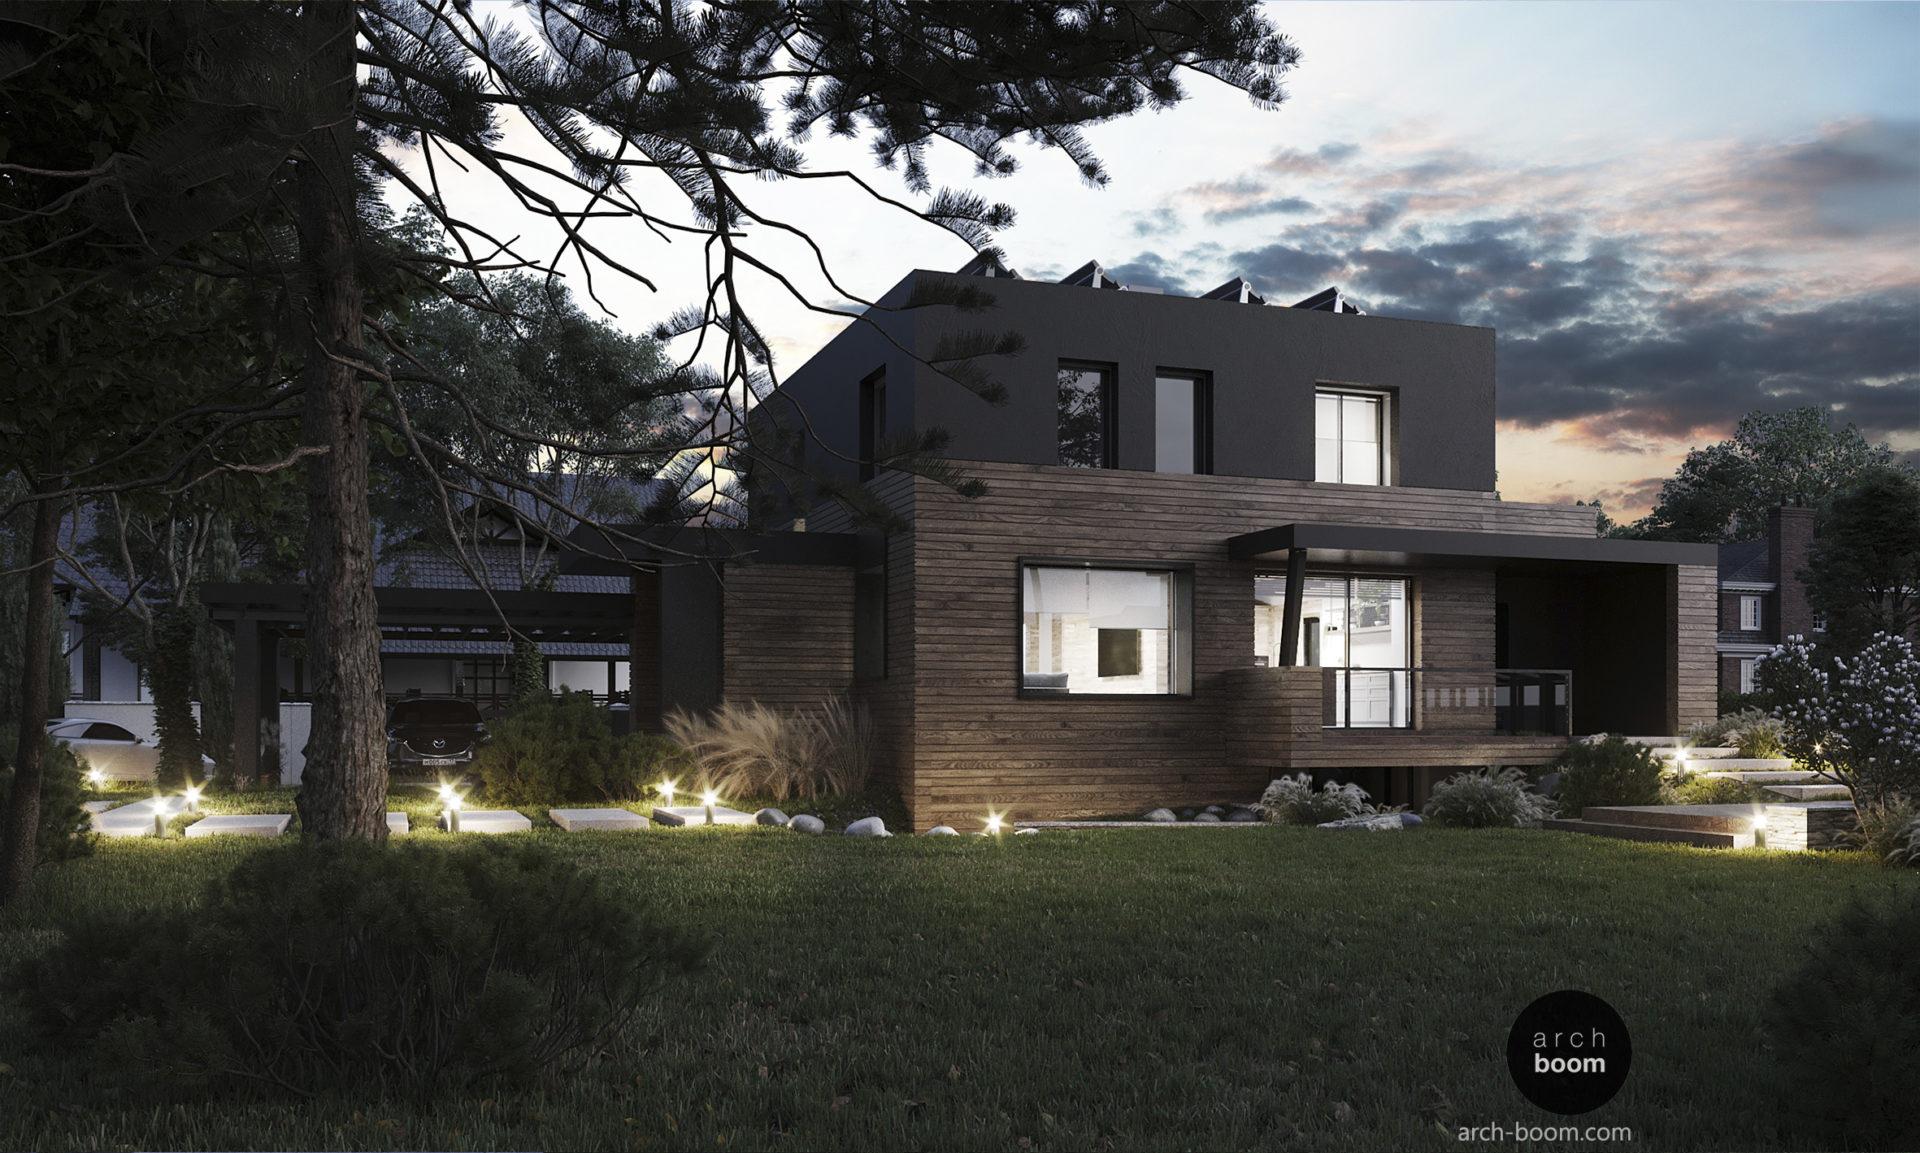 проект дома в дереве с плоской крышей